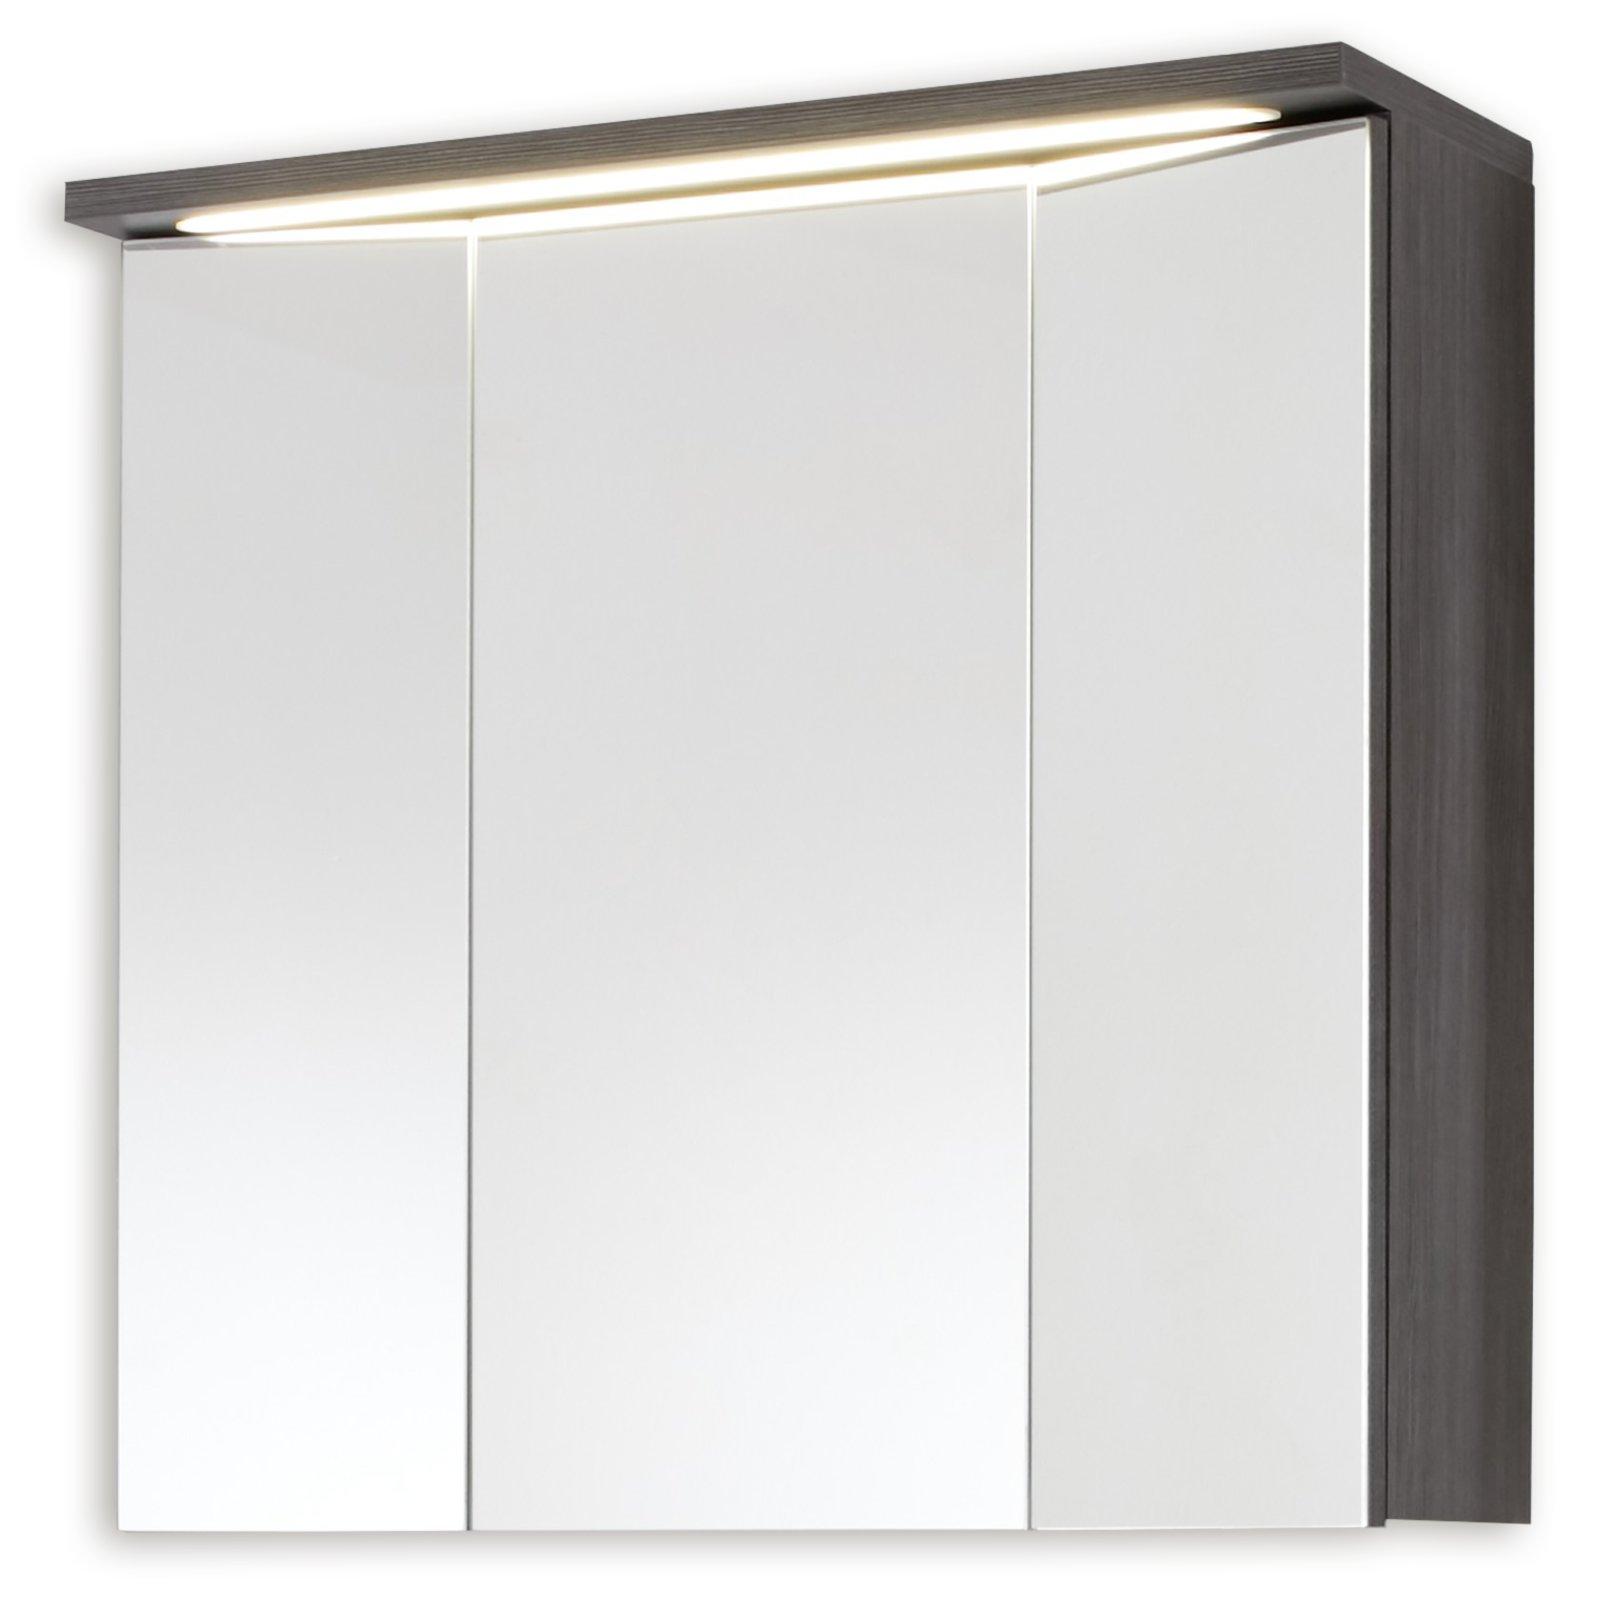 spiegelschrank mit beleuchtung roller 012239 neuesten. Black Bedroom Furniture Sets. Home Design Ideas